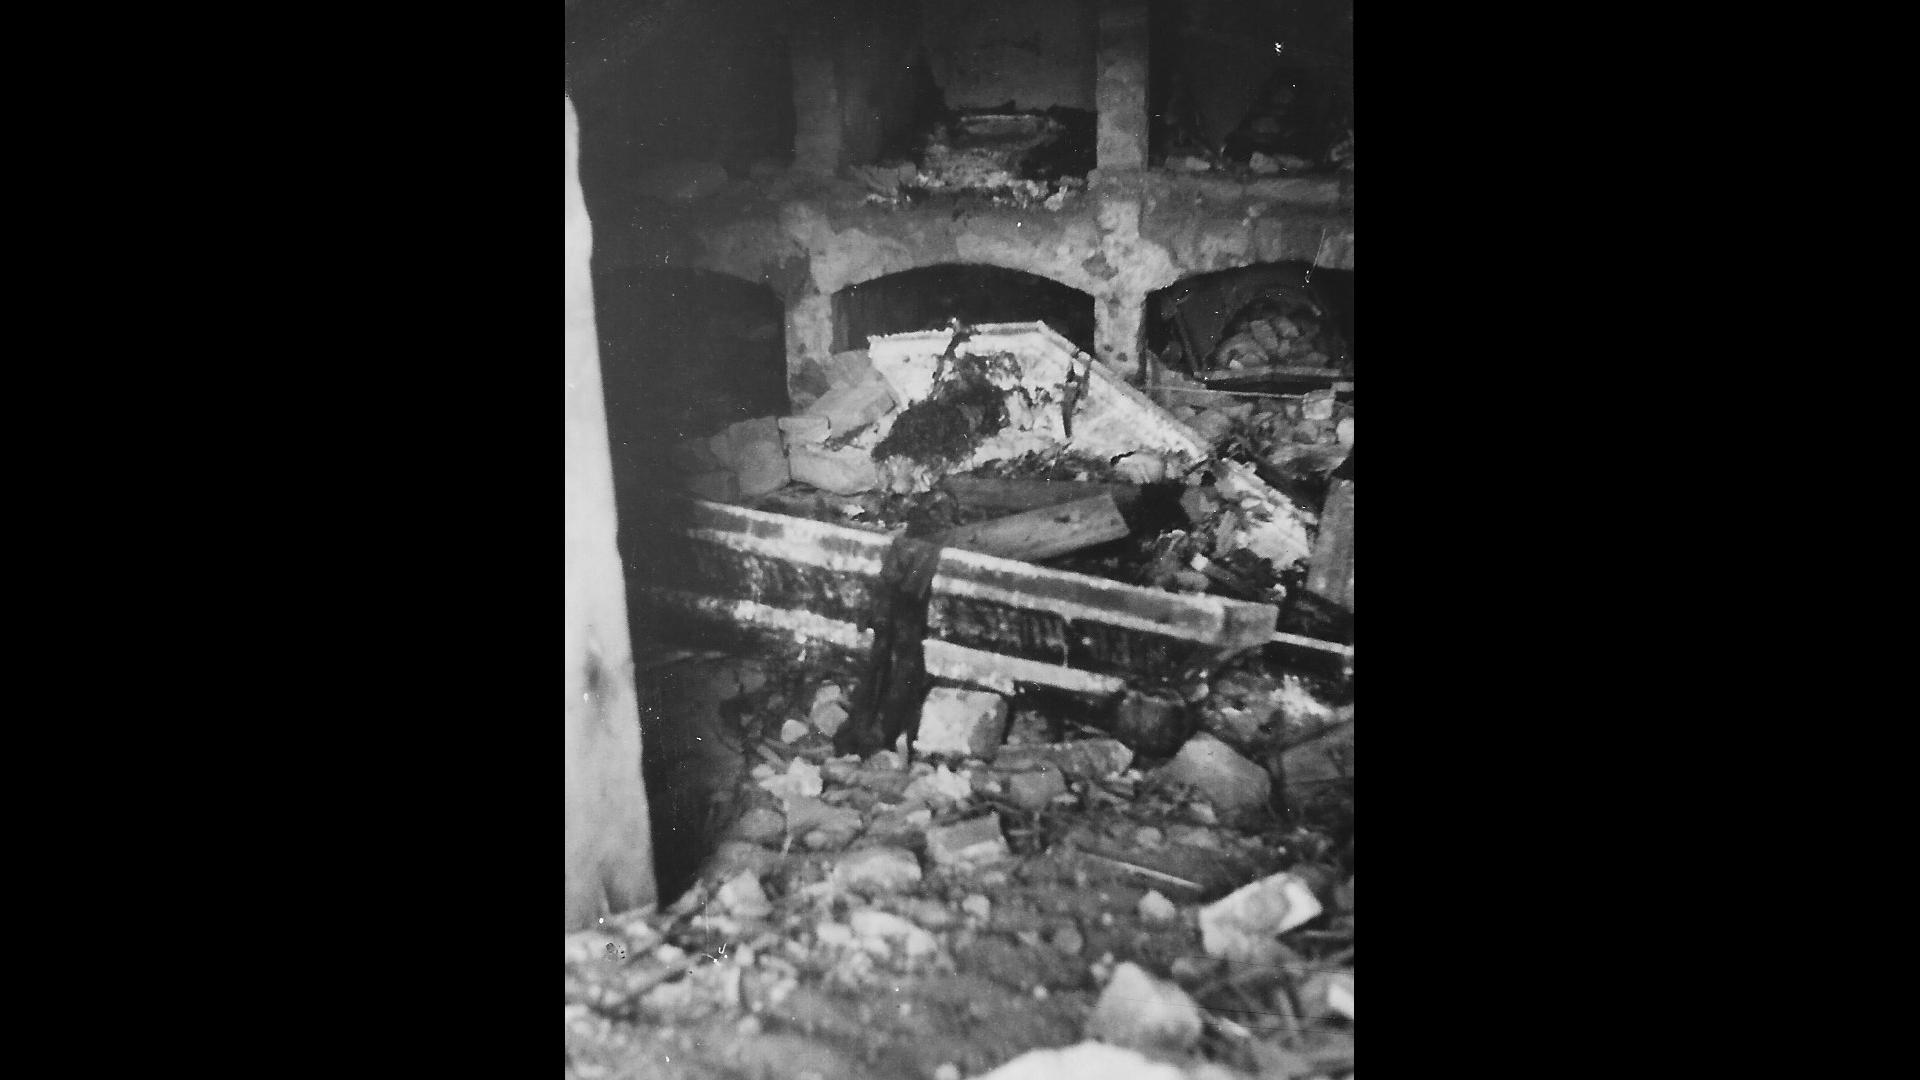 Aufgebrochene Gräber in der Grabstätte unter der Kapelle (Krypta). In den ersten Jahren nach dem Krieg wurden die Gräber und Särge geöffnet und nach Zahngold gesucht. Die Gebeine blieben bis Mitte/Ende der 1960er Jahre pietätlos offen in den Gruben liegen. Foto: Archiv Freundeskreis Filipowa